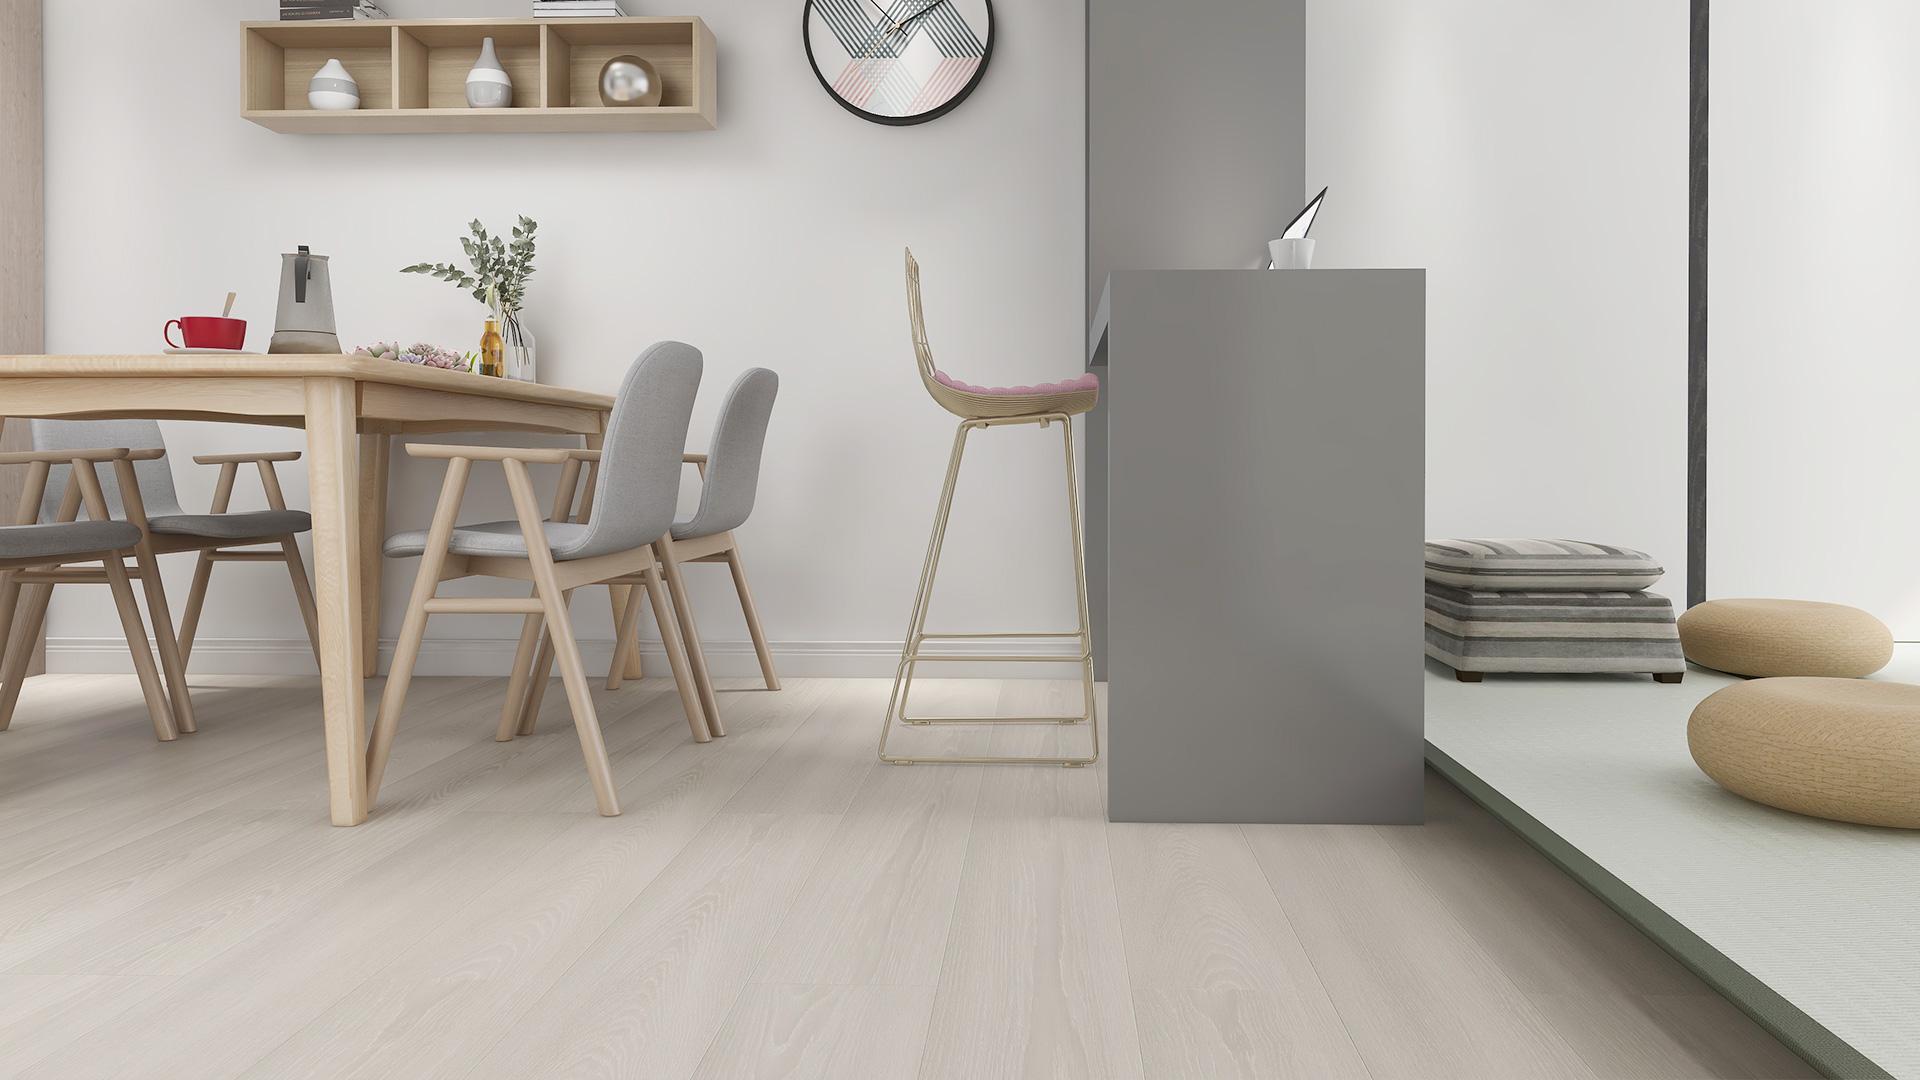 比利时QUICK-STEP艺术木地板,至醇系列 SIG4757